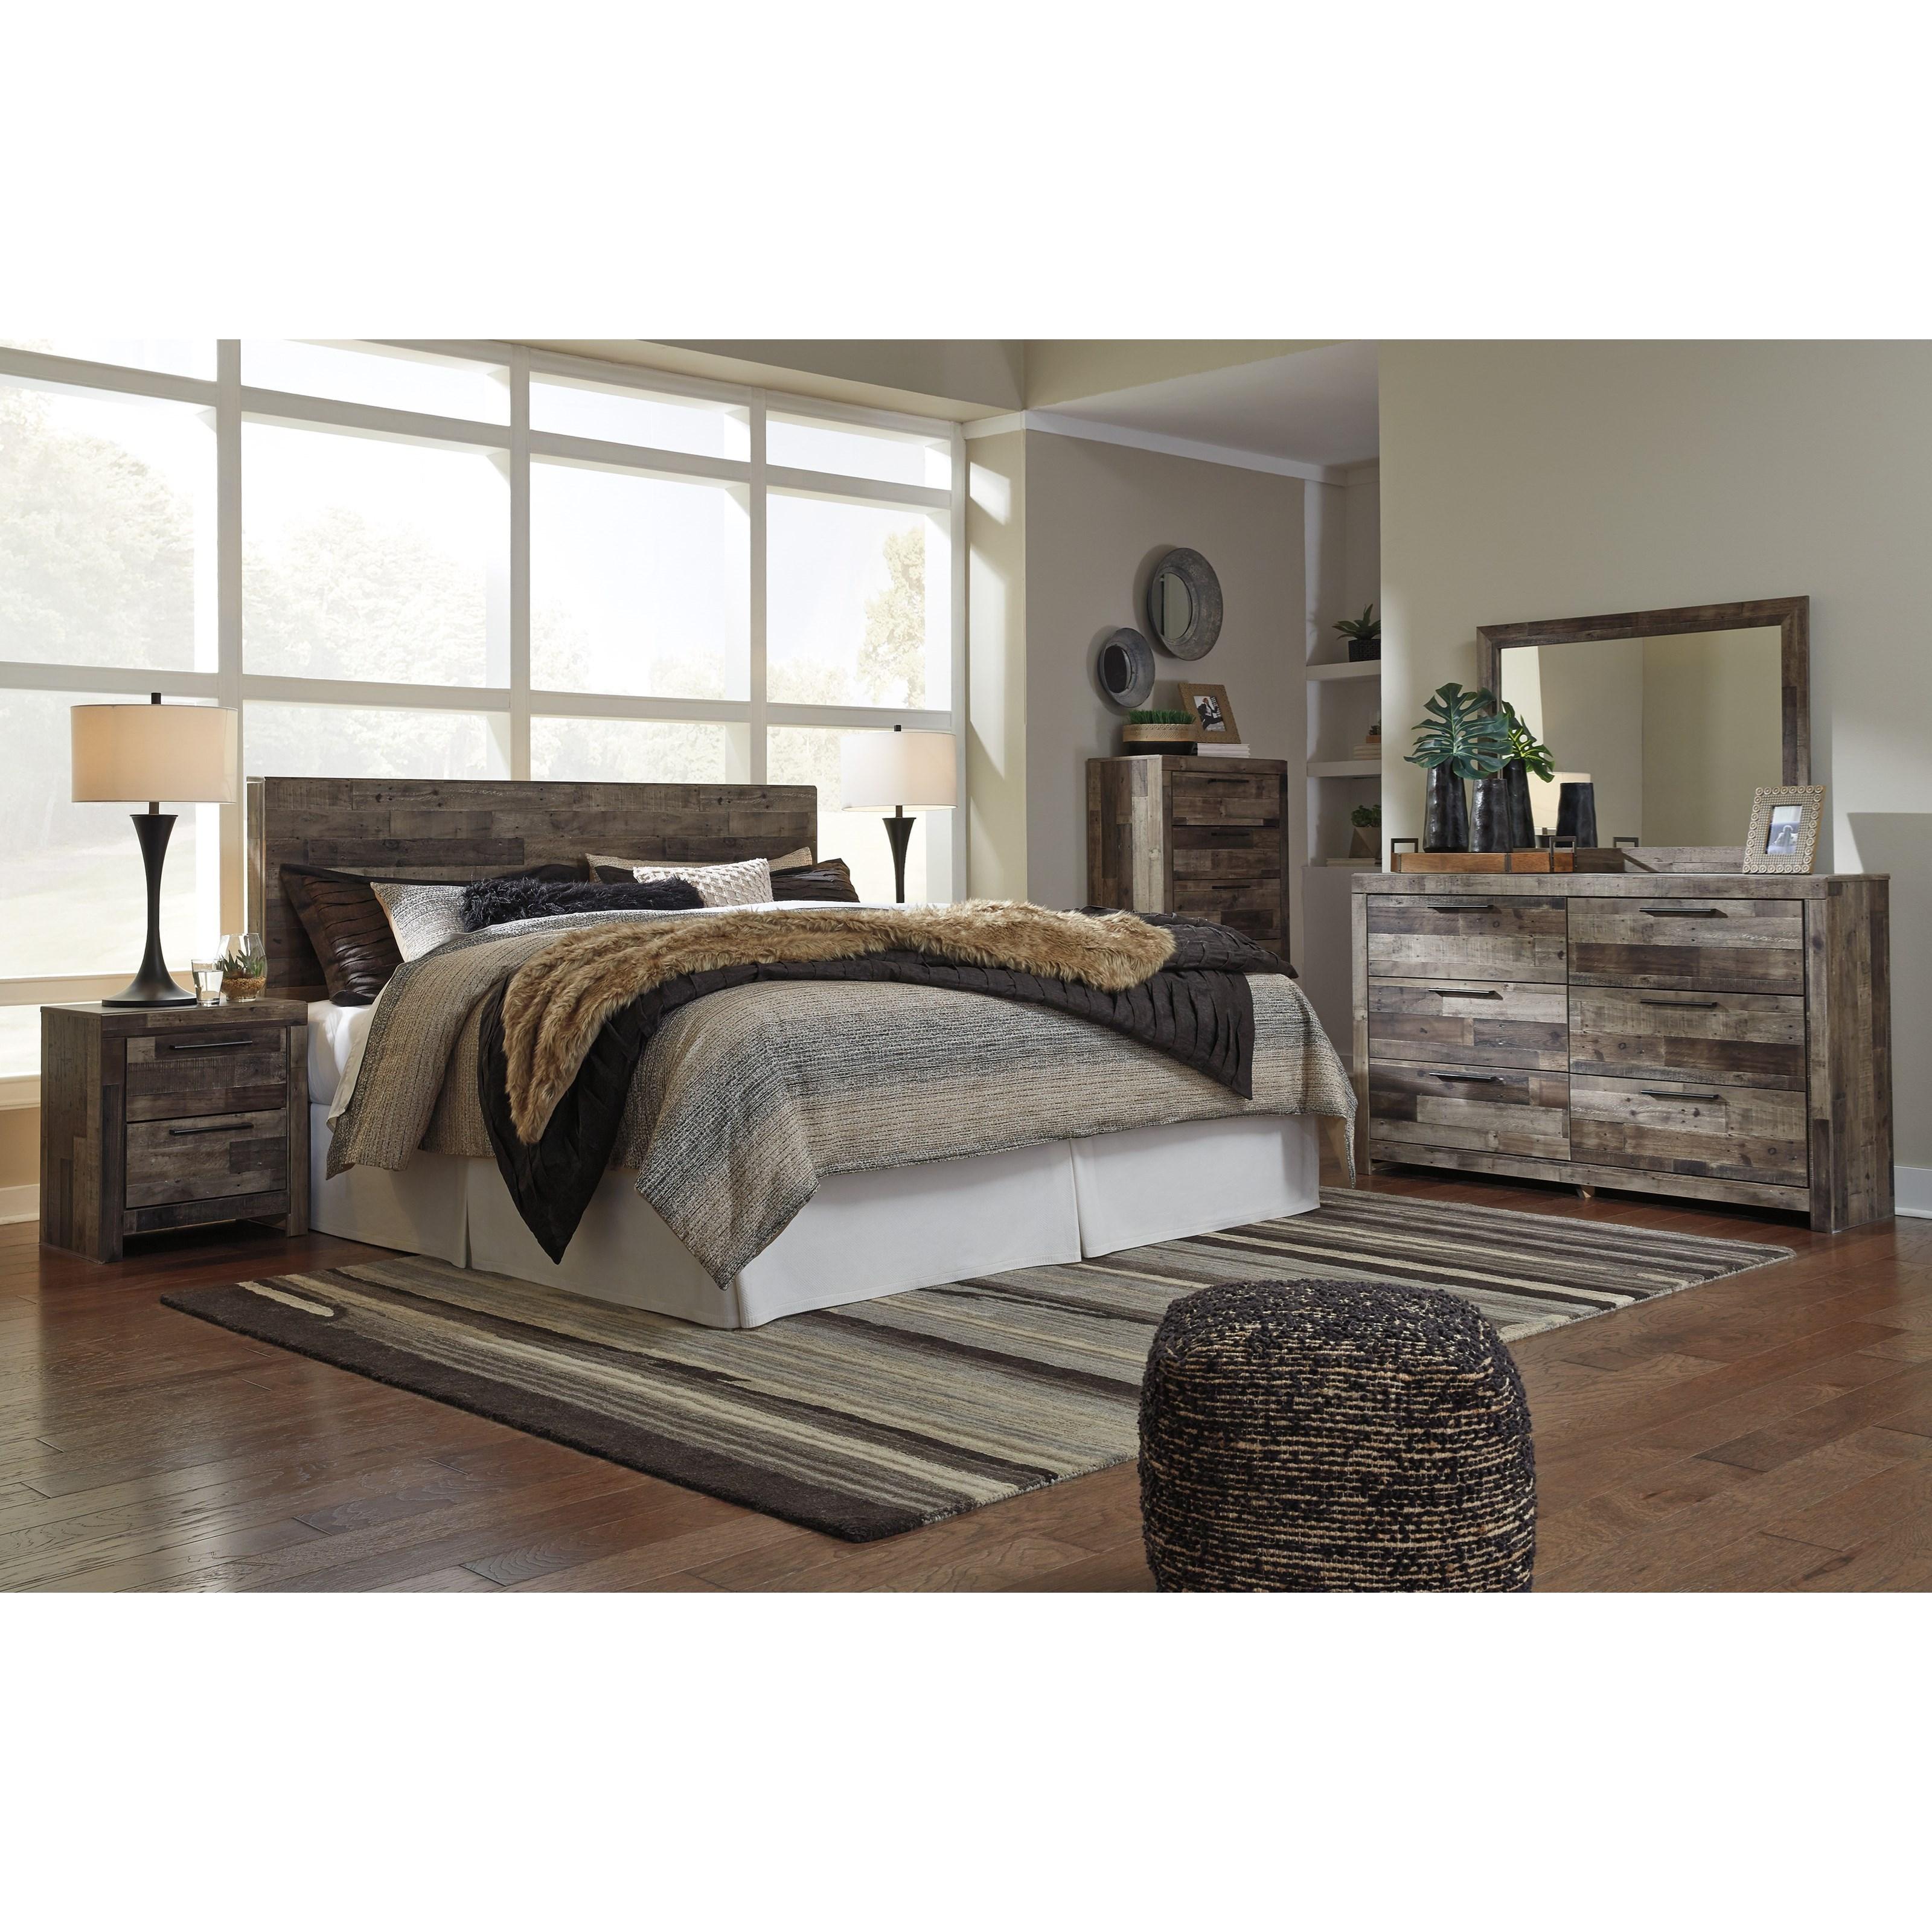 Benchcraft Derekson King Bedroom Group Darvin Furniture